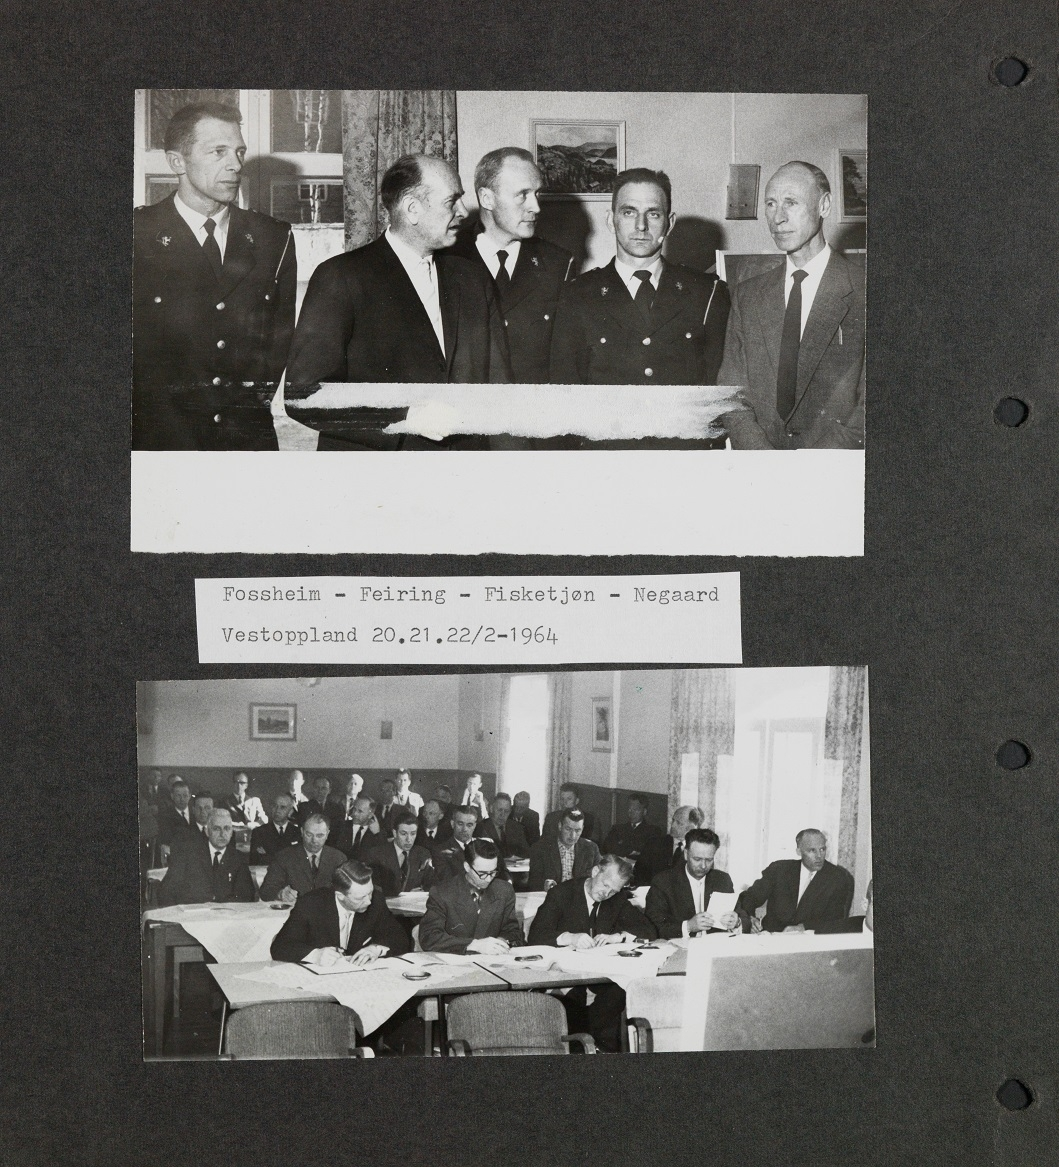 Bildet er en kopi hentet fra album I i Utrykningspolitiets fotosamling